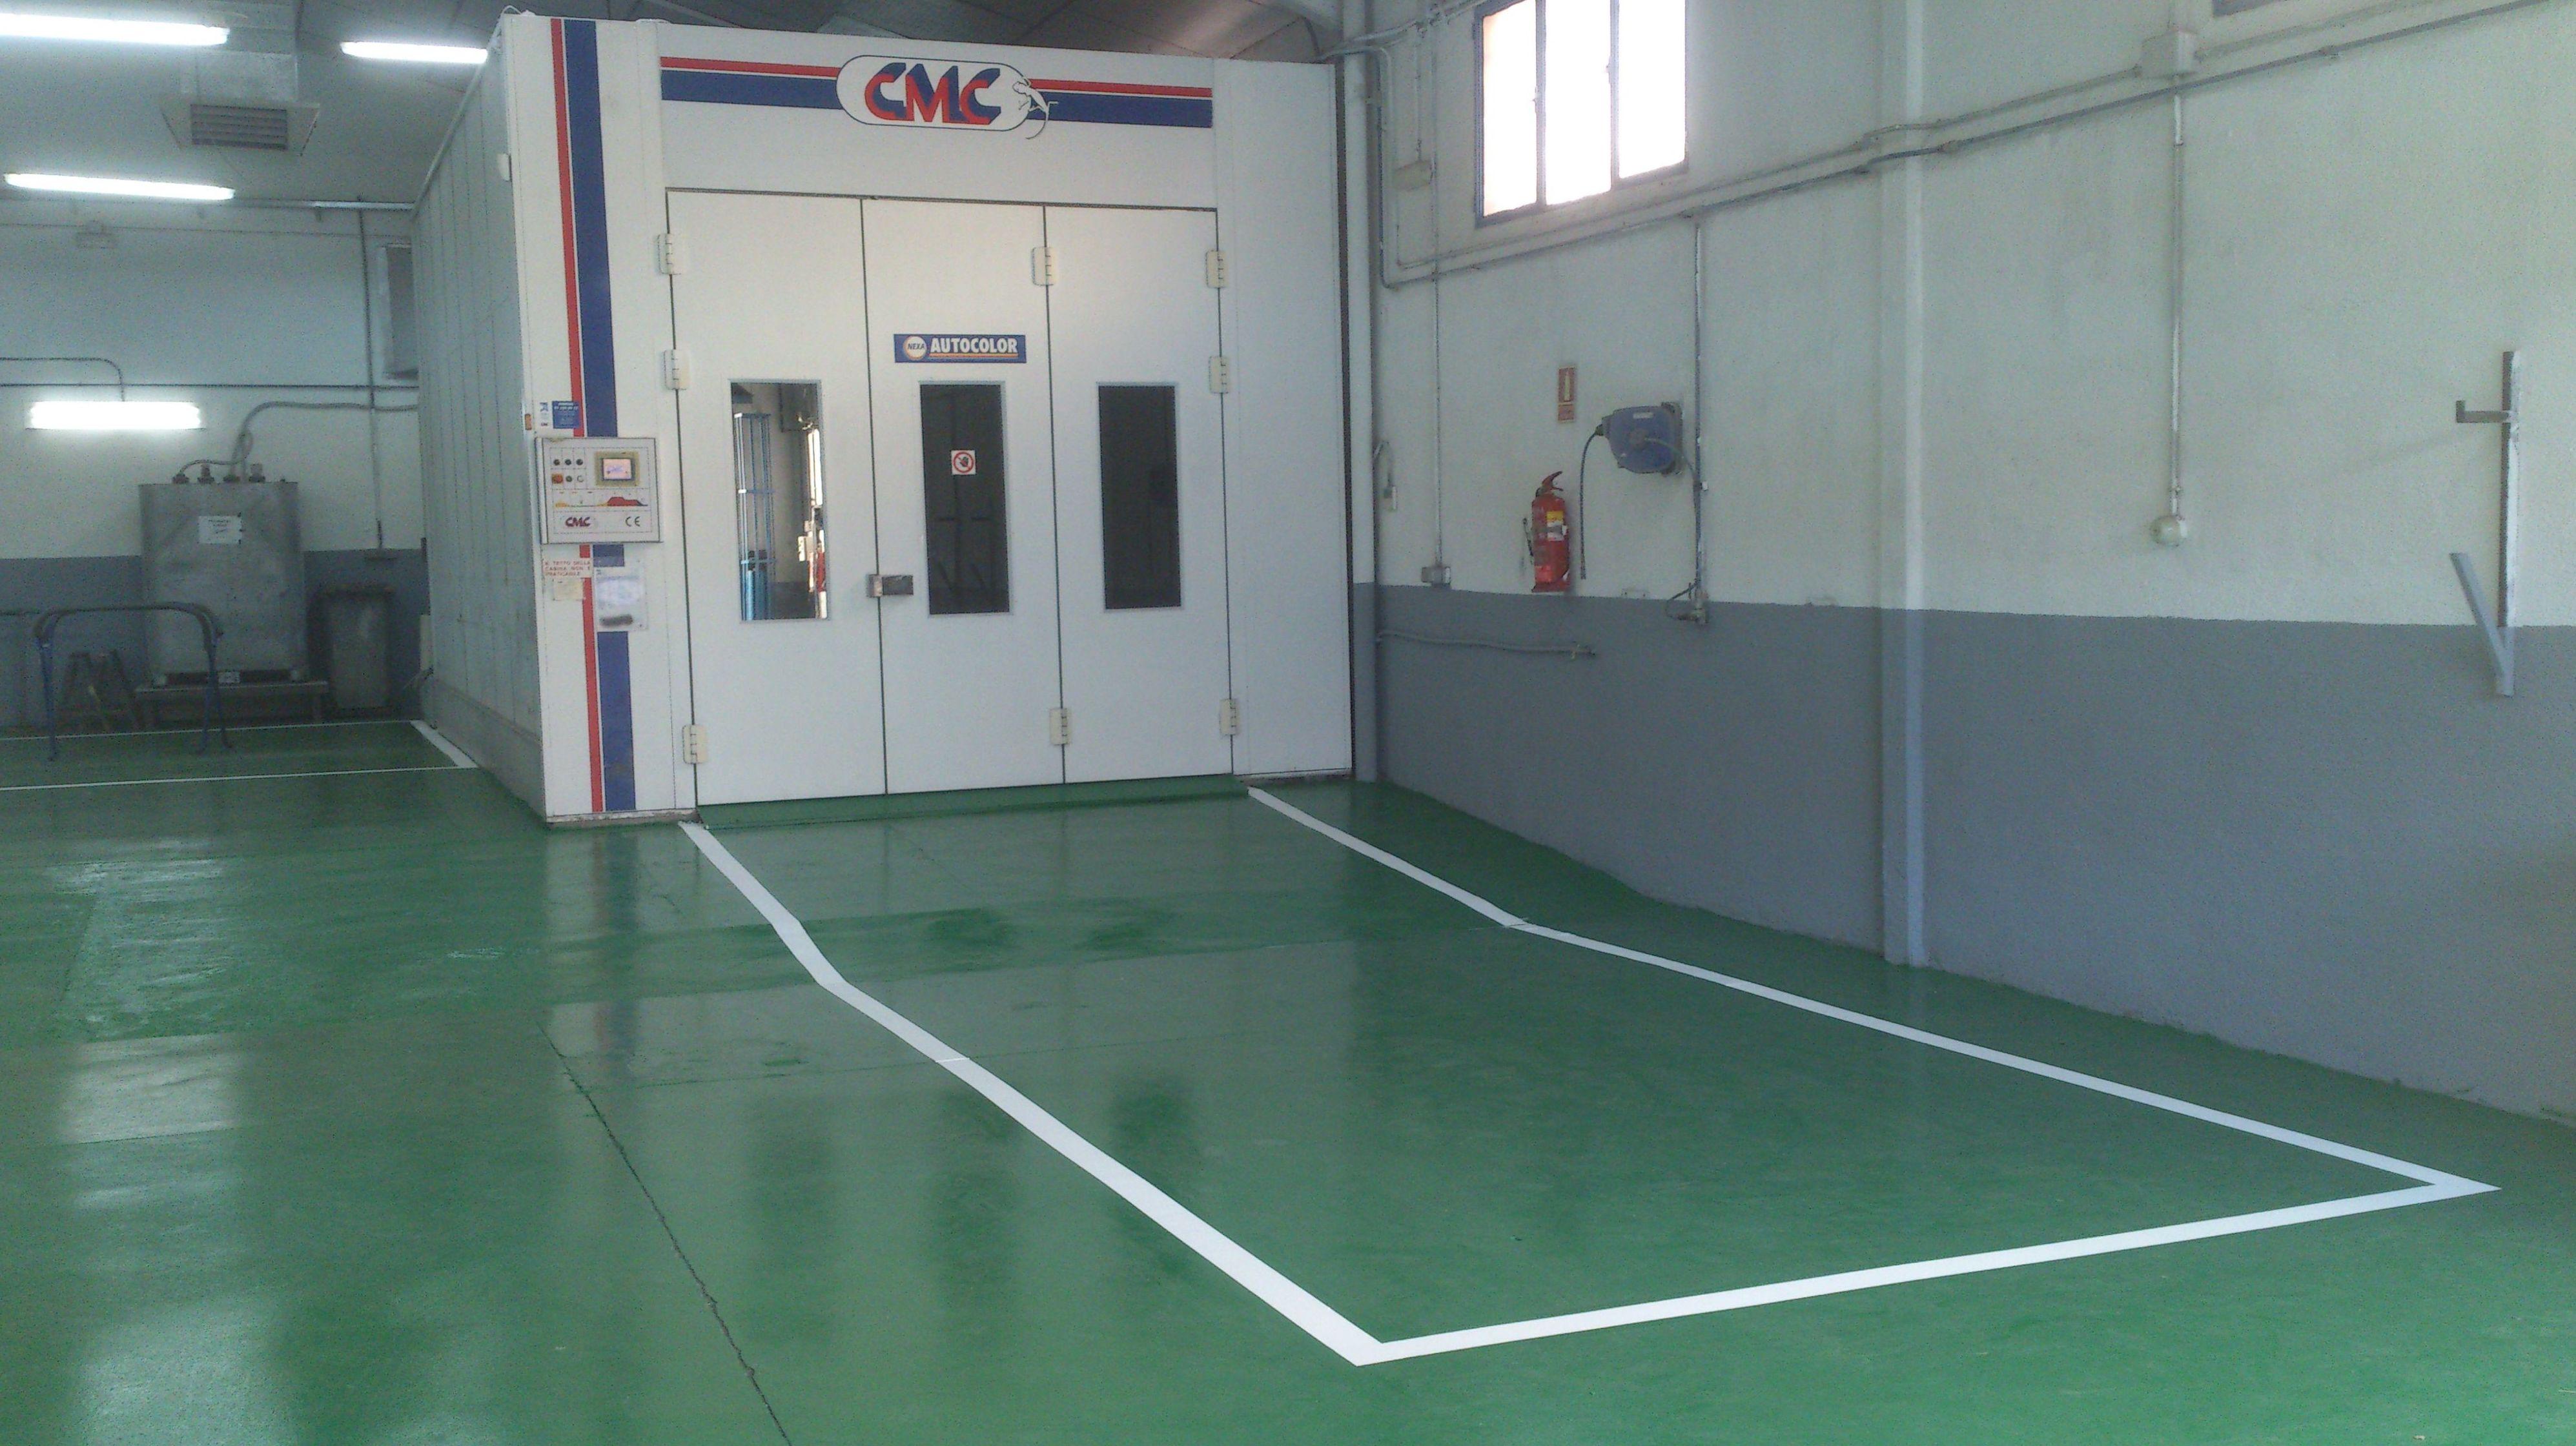 Cabina de pintura CMC, últimas tecnologías